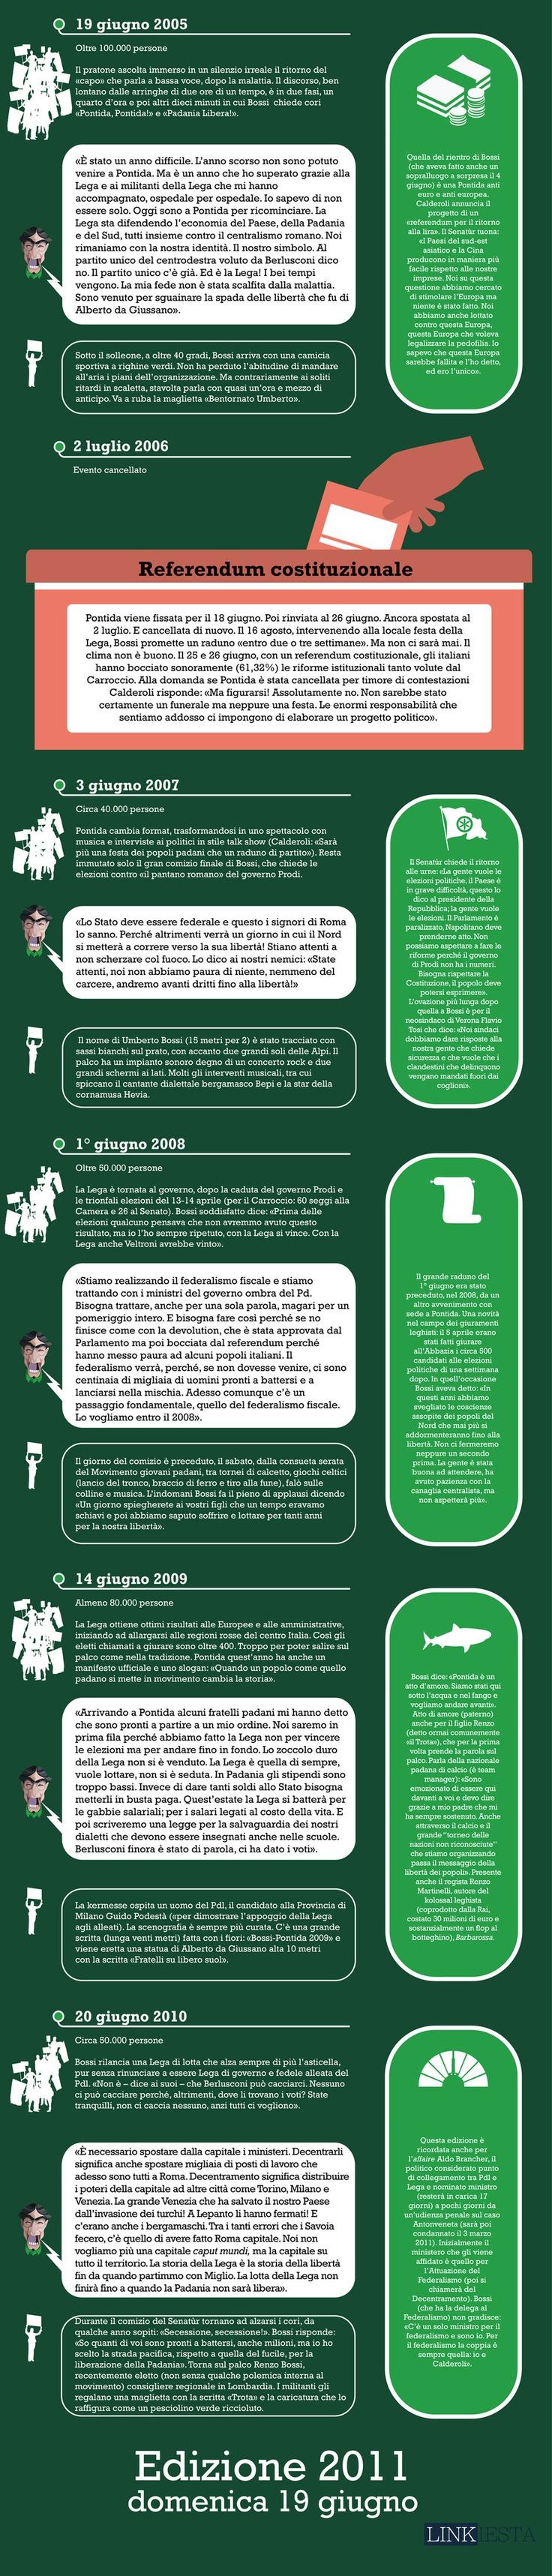 Infografica sulla storia della Lega Nord quarta parte